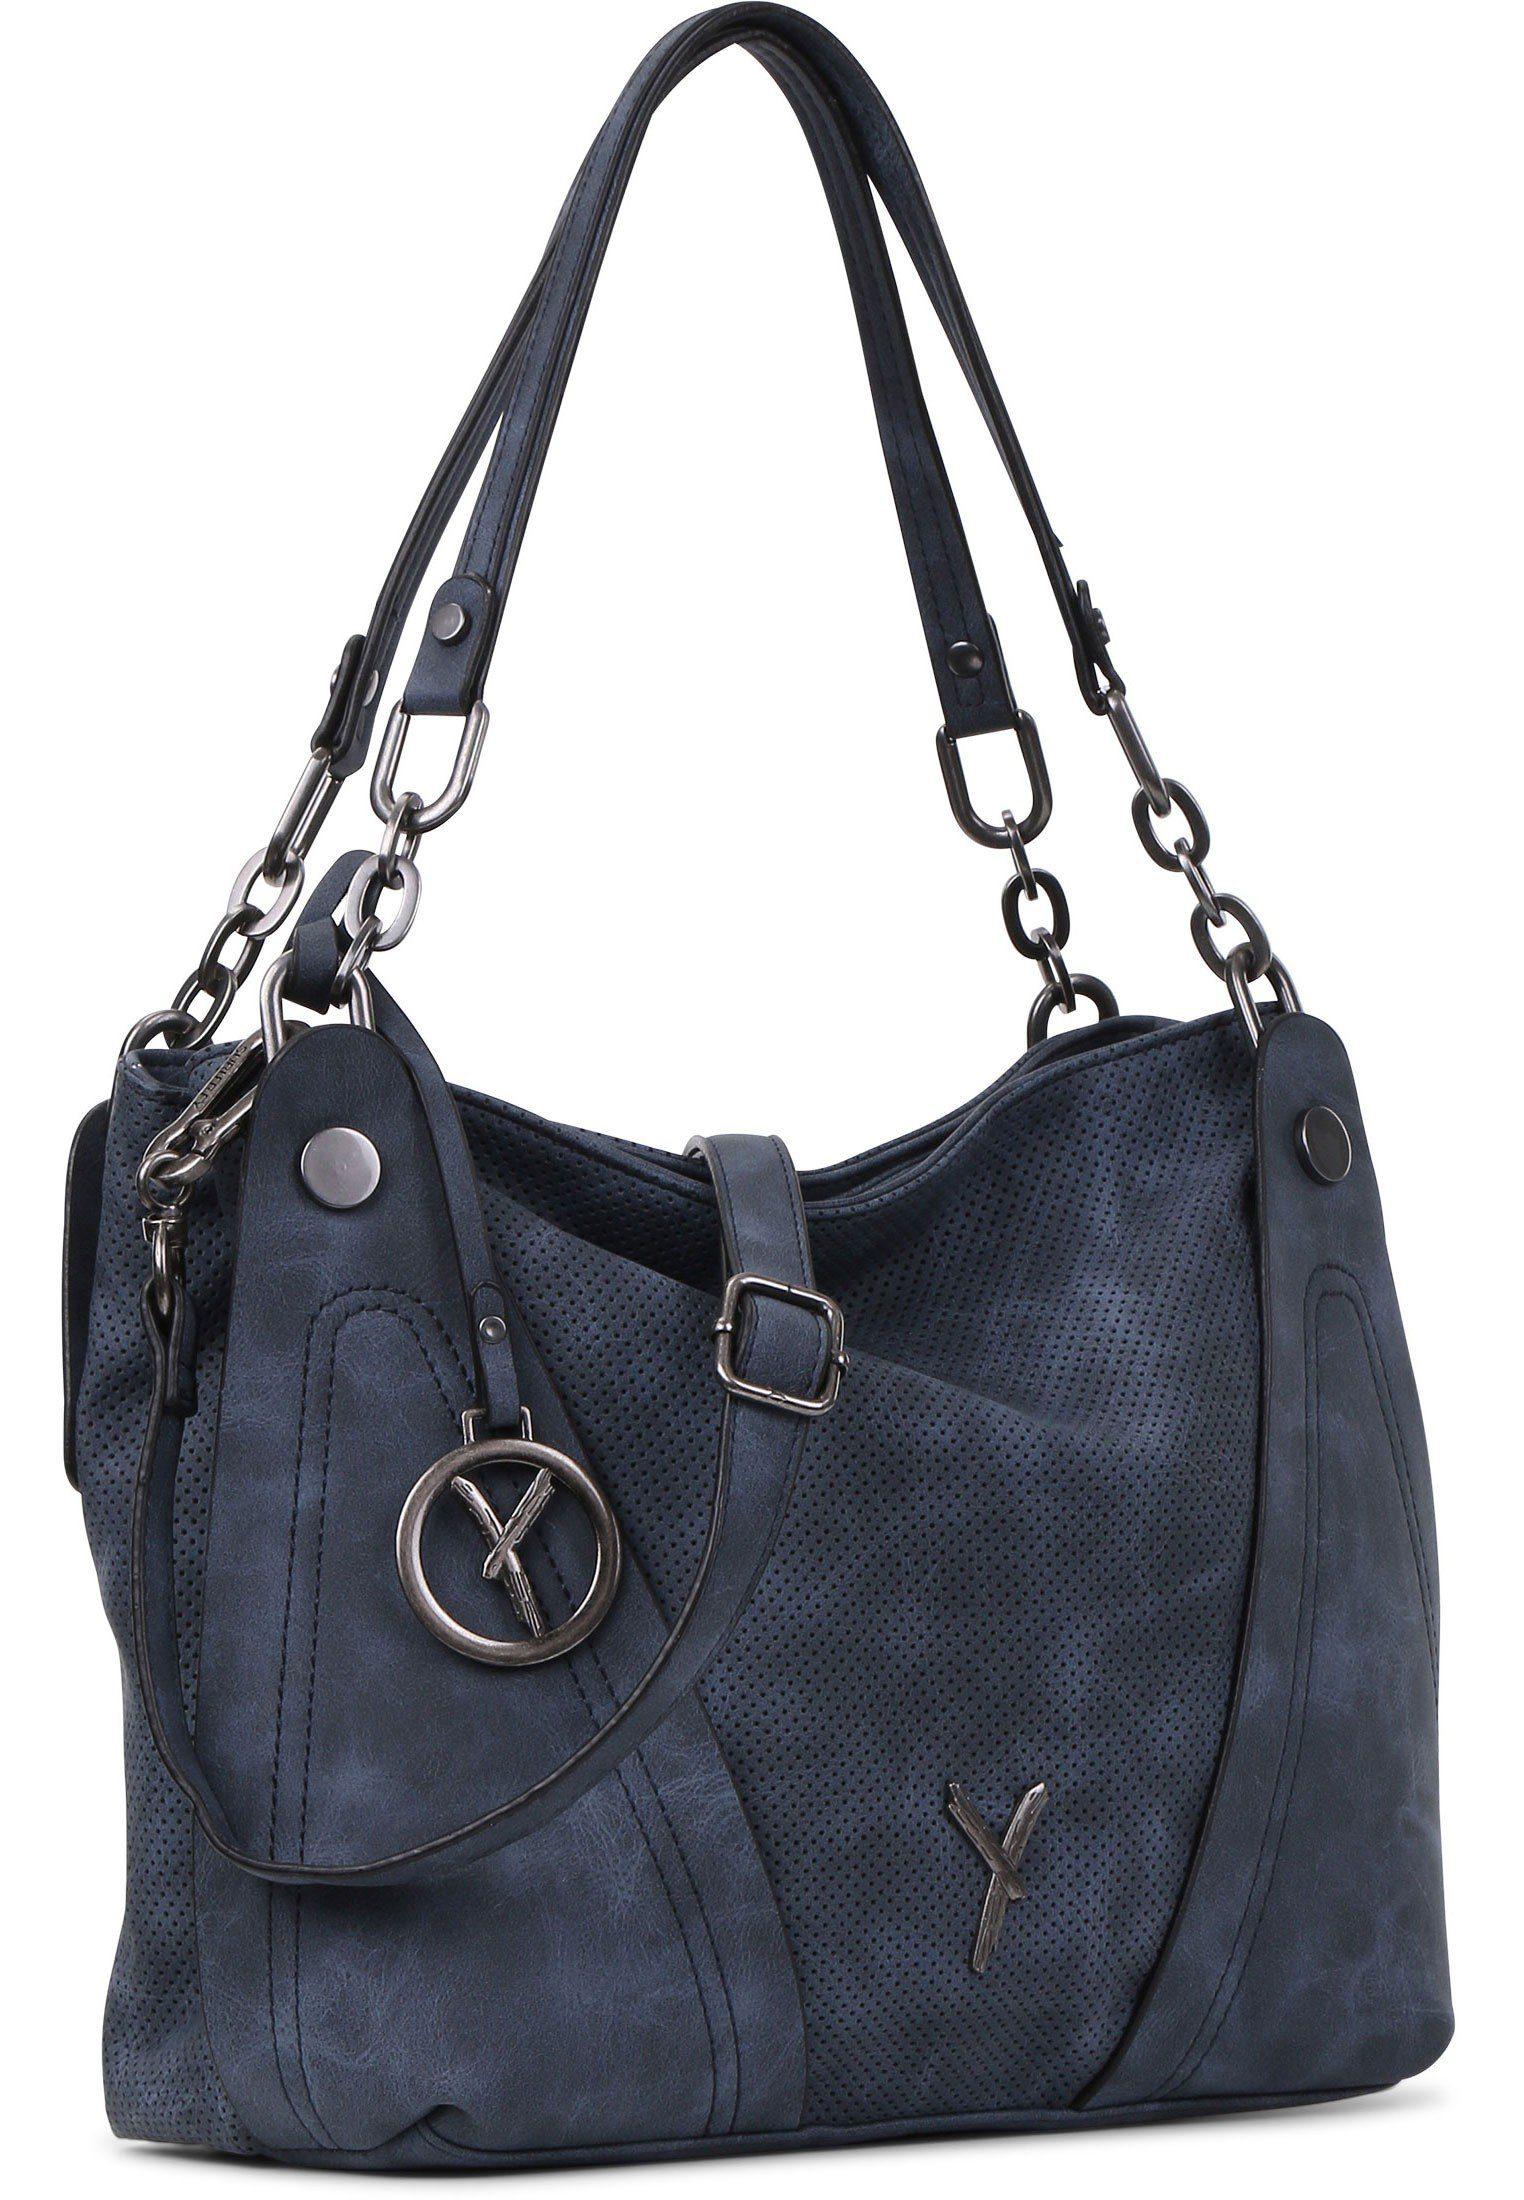 No Romy Online Frey Moderne Shopper Artikel 9508455499 Lochoptik Markenemblem Suri Kaufen Mit 1 nr wIECqWwUz